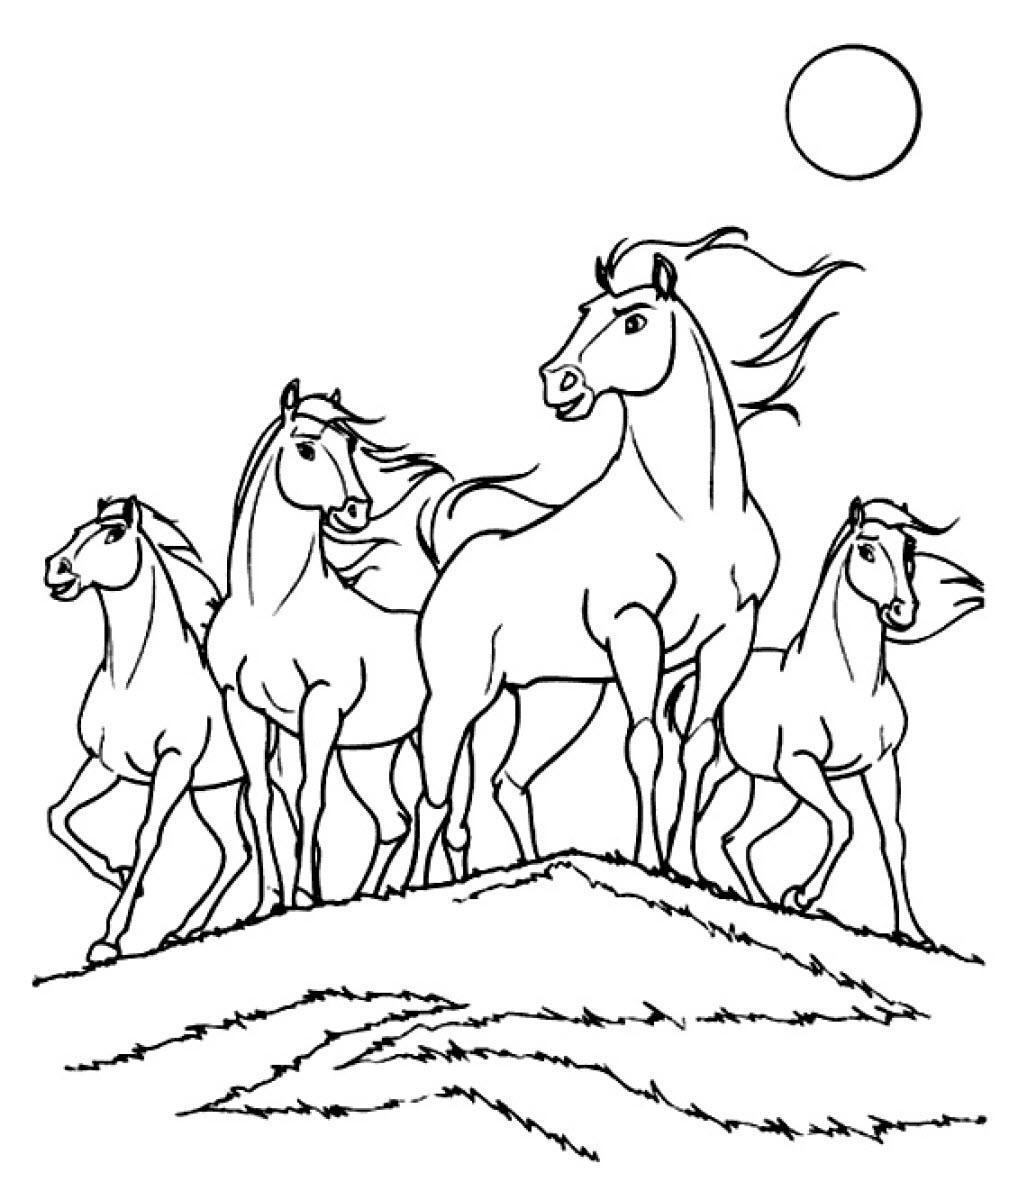 Tranh tô màu hình ngựa